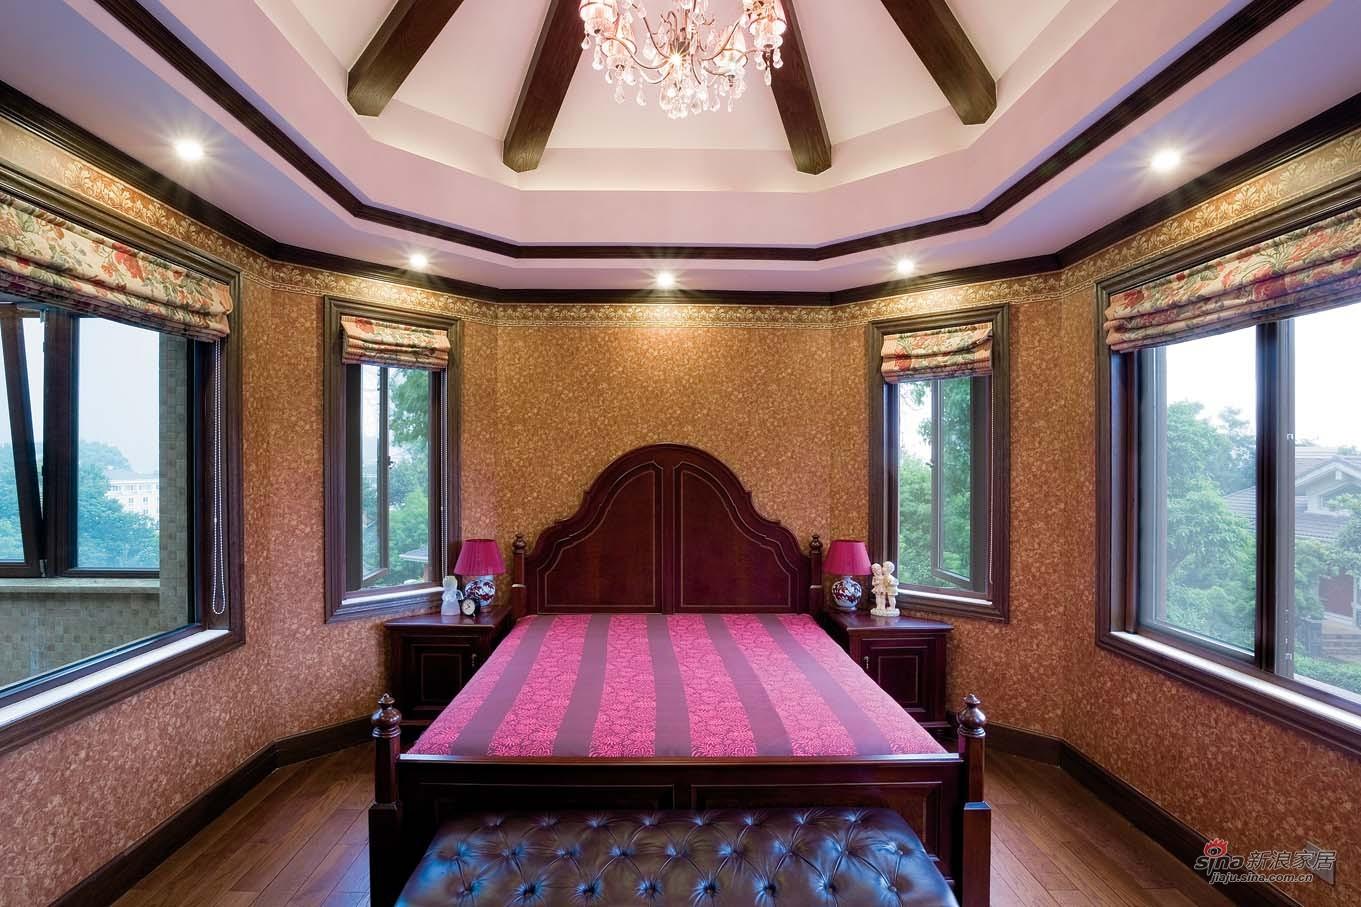 美式 别墅 卧室图片来自用户1907685403在【高清】欧式风格奢华设计299平米大豪宅64的分享